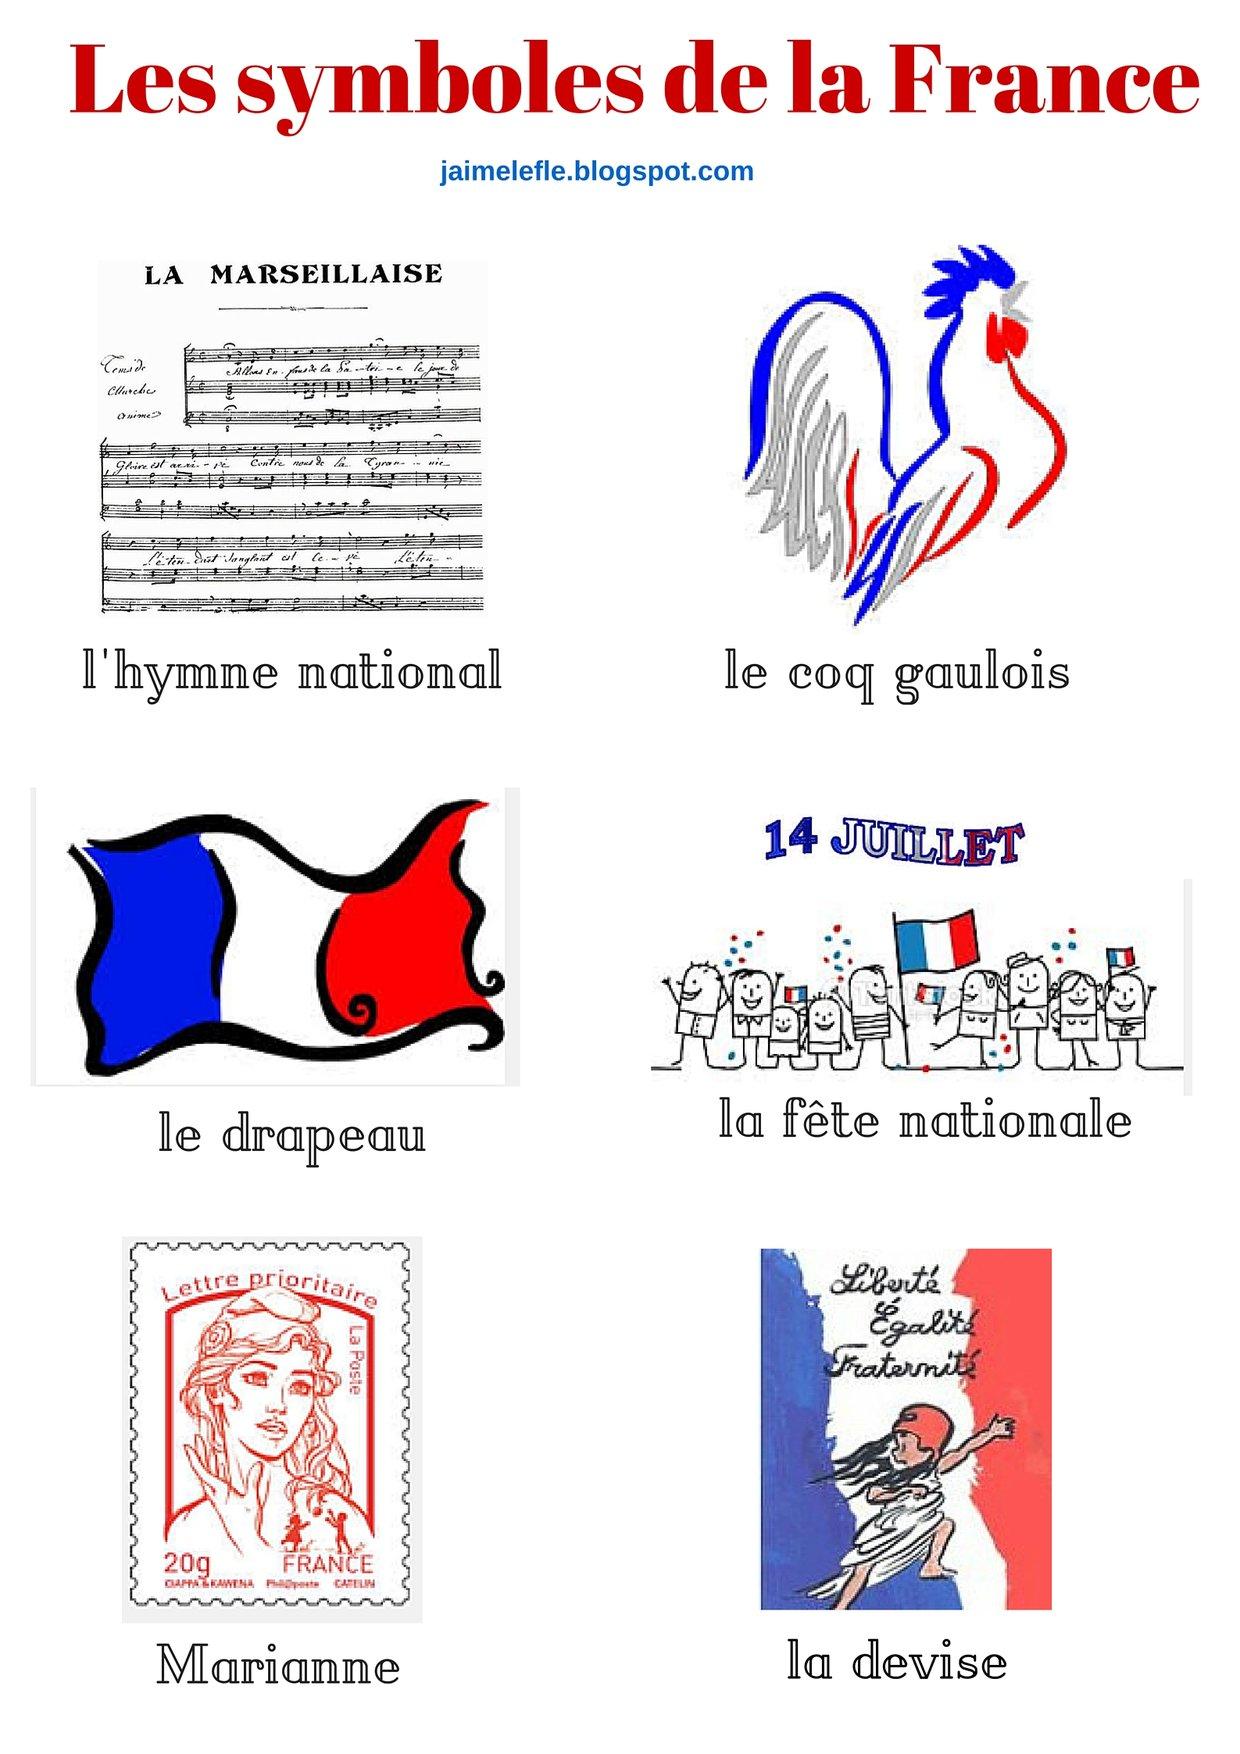 C'est l'hymne national français. Il a été composé par Rou...